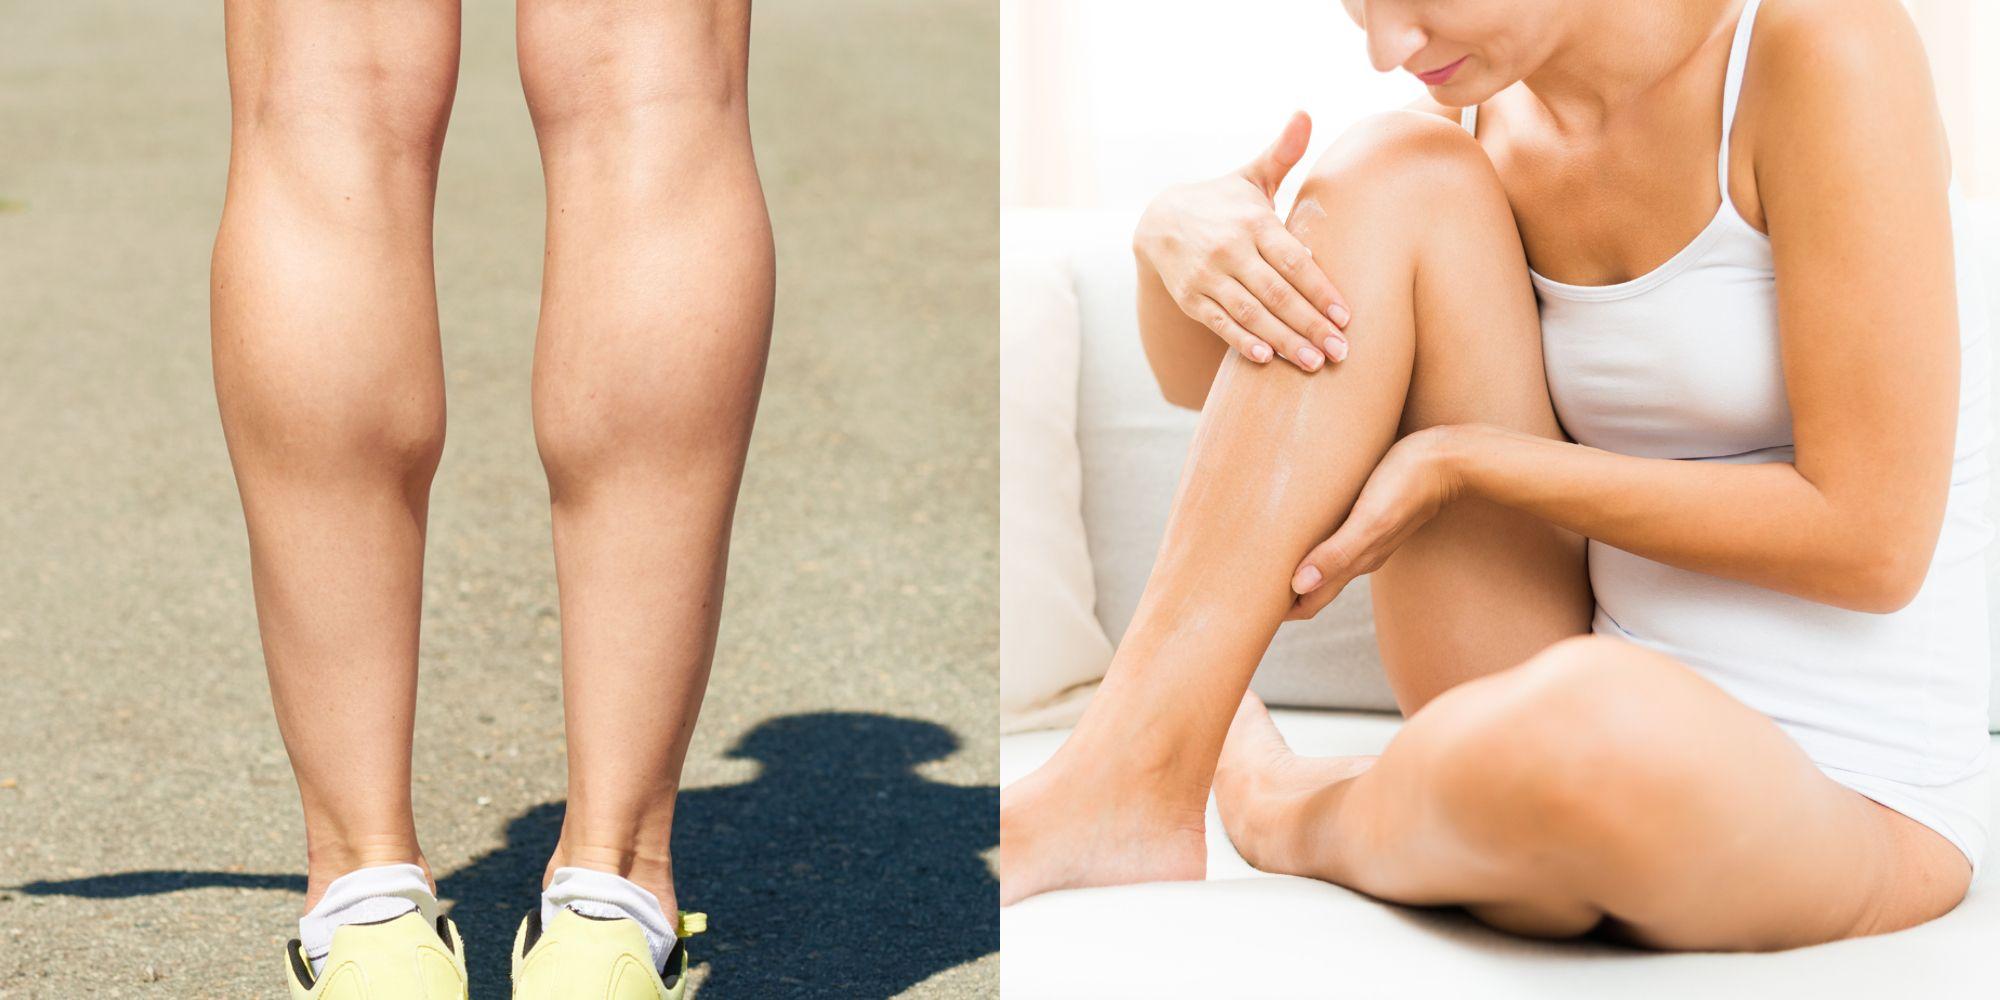 專業教練示範瘦小腿按摩8步驟!「尤其這部位,拉筋也無法放鬆肌肉..」每天十分鐘消除肥壯小腿肌 - Yahoo奇摩 ...